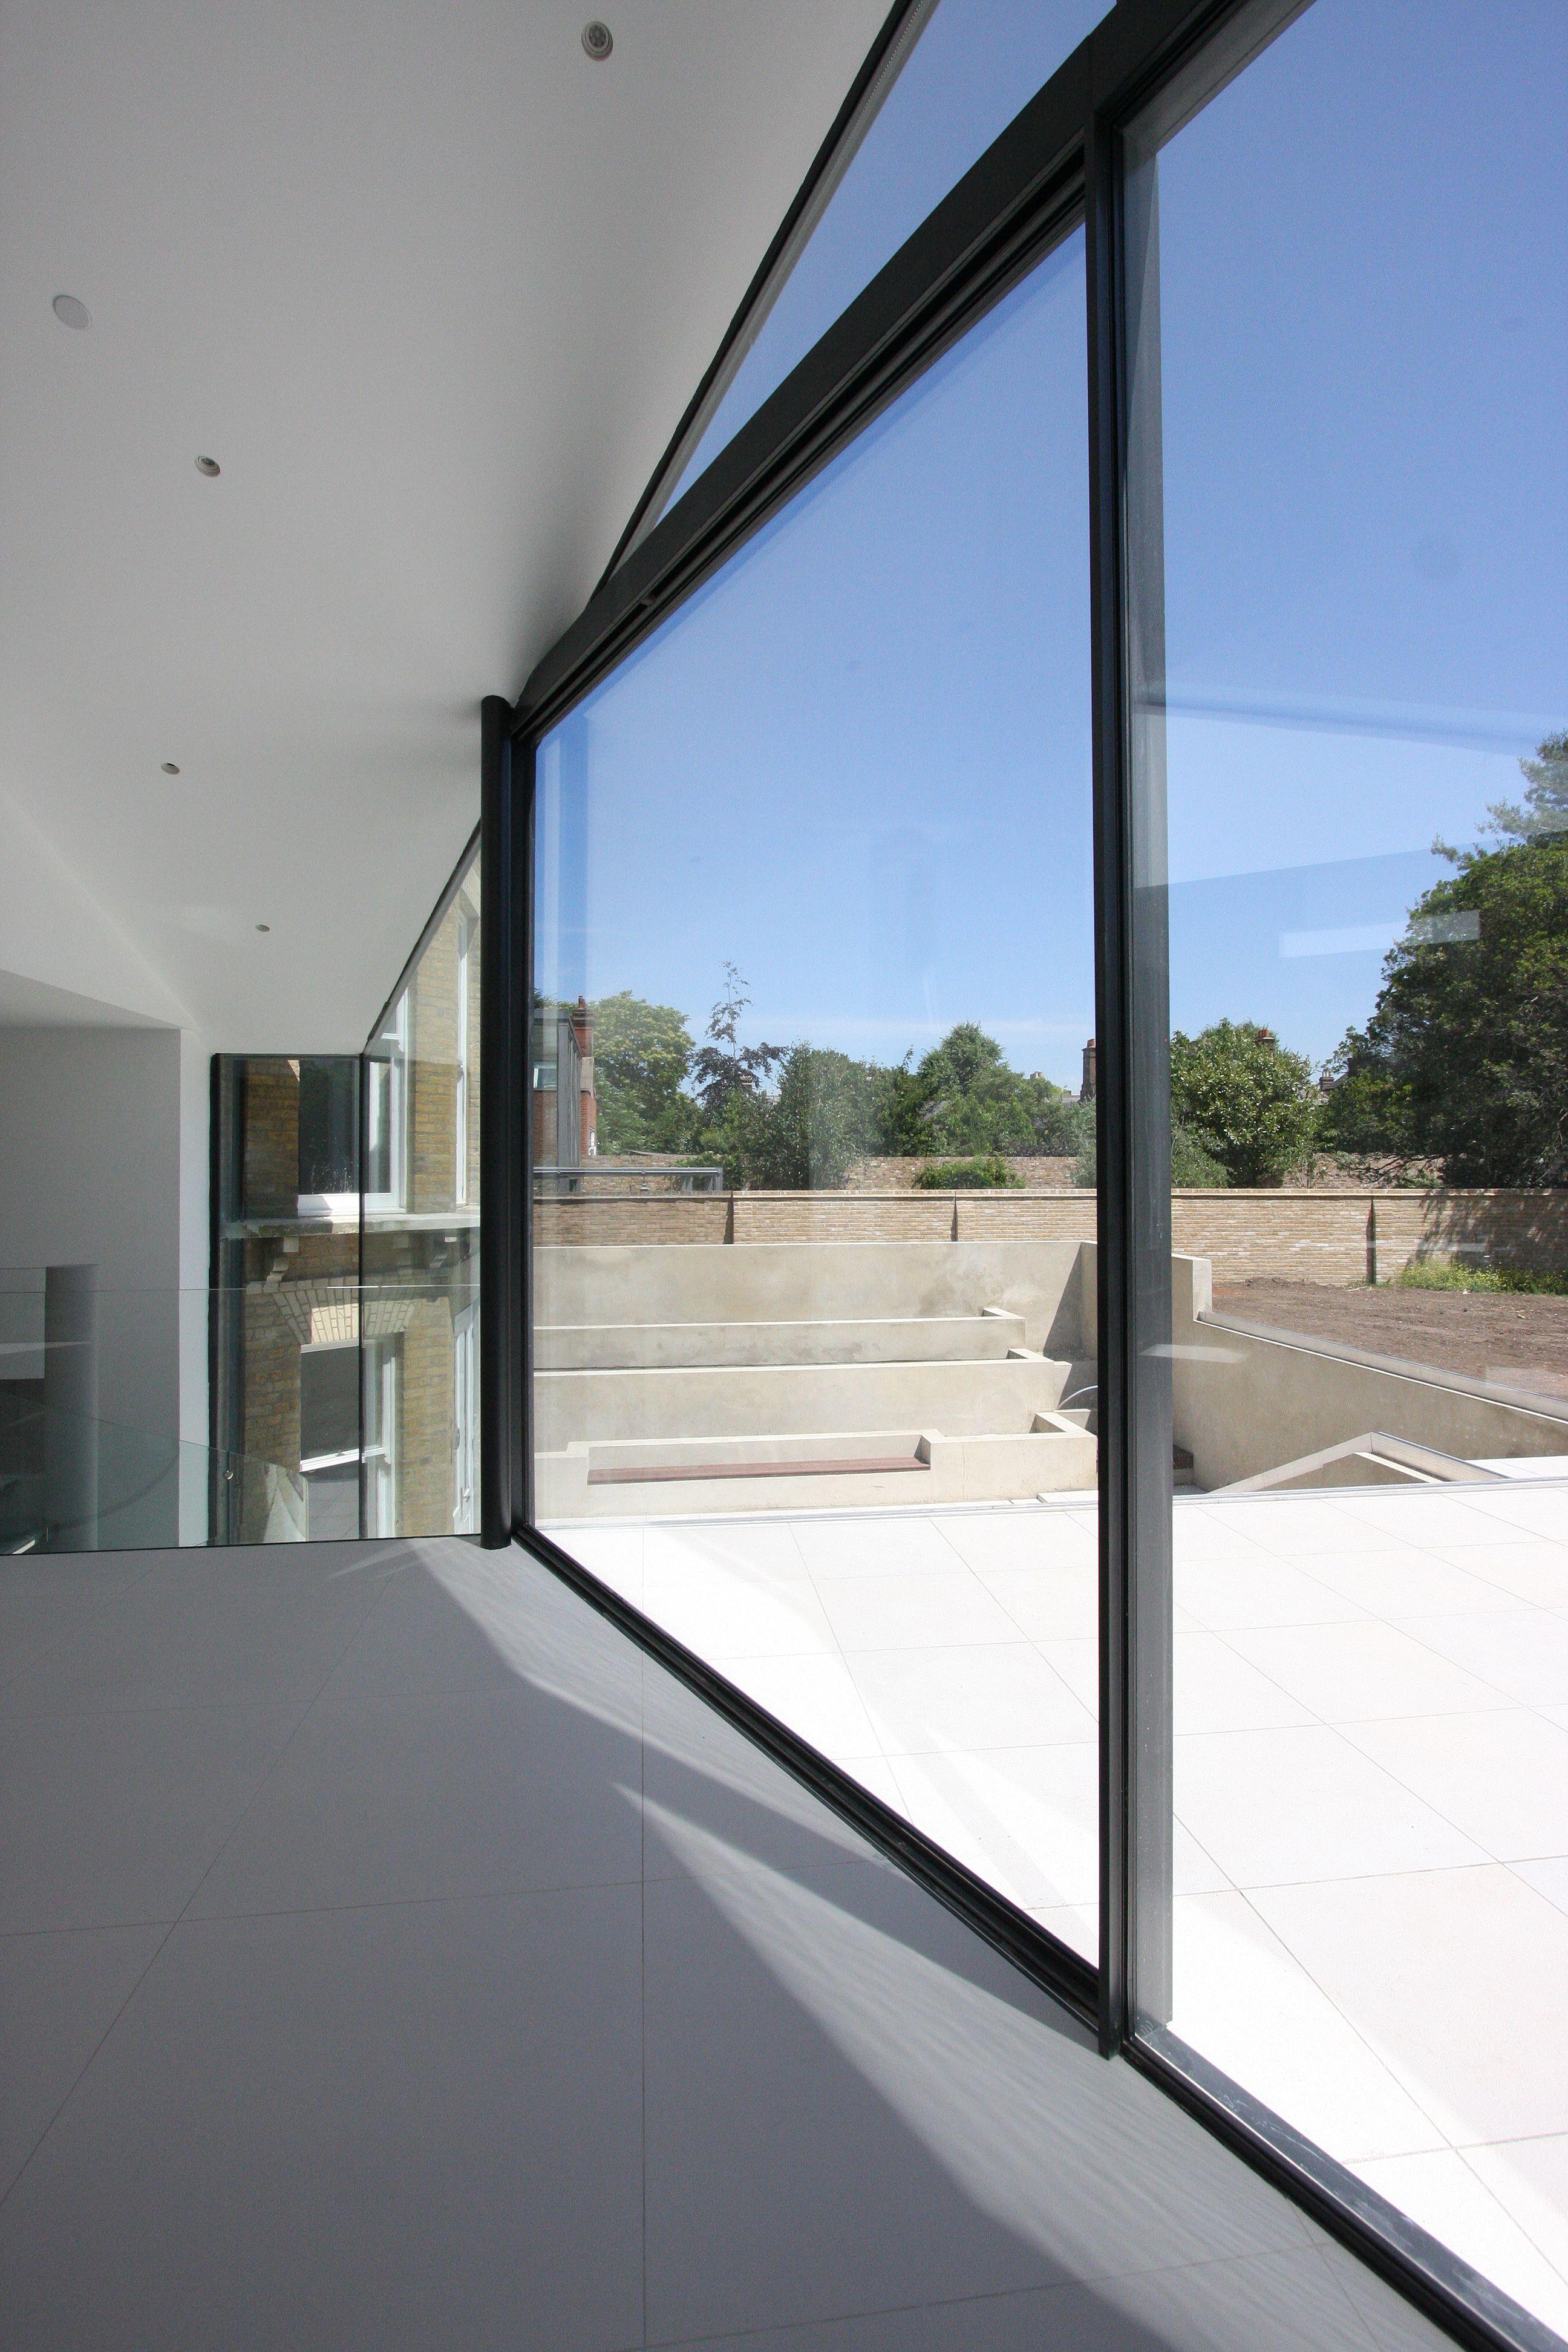 Large Glass Elevation Sliding Minimal Windows Bringing The